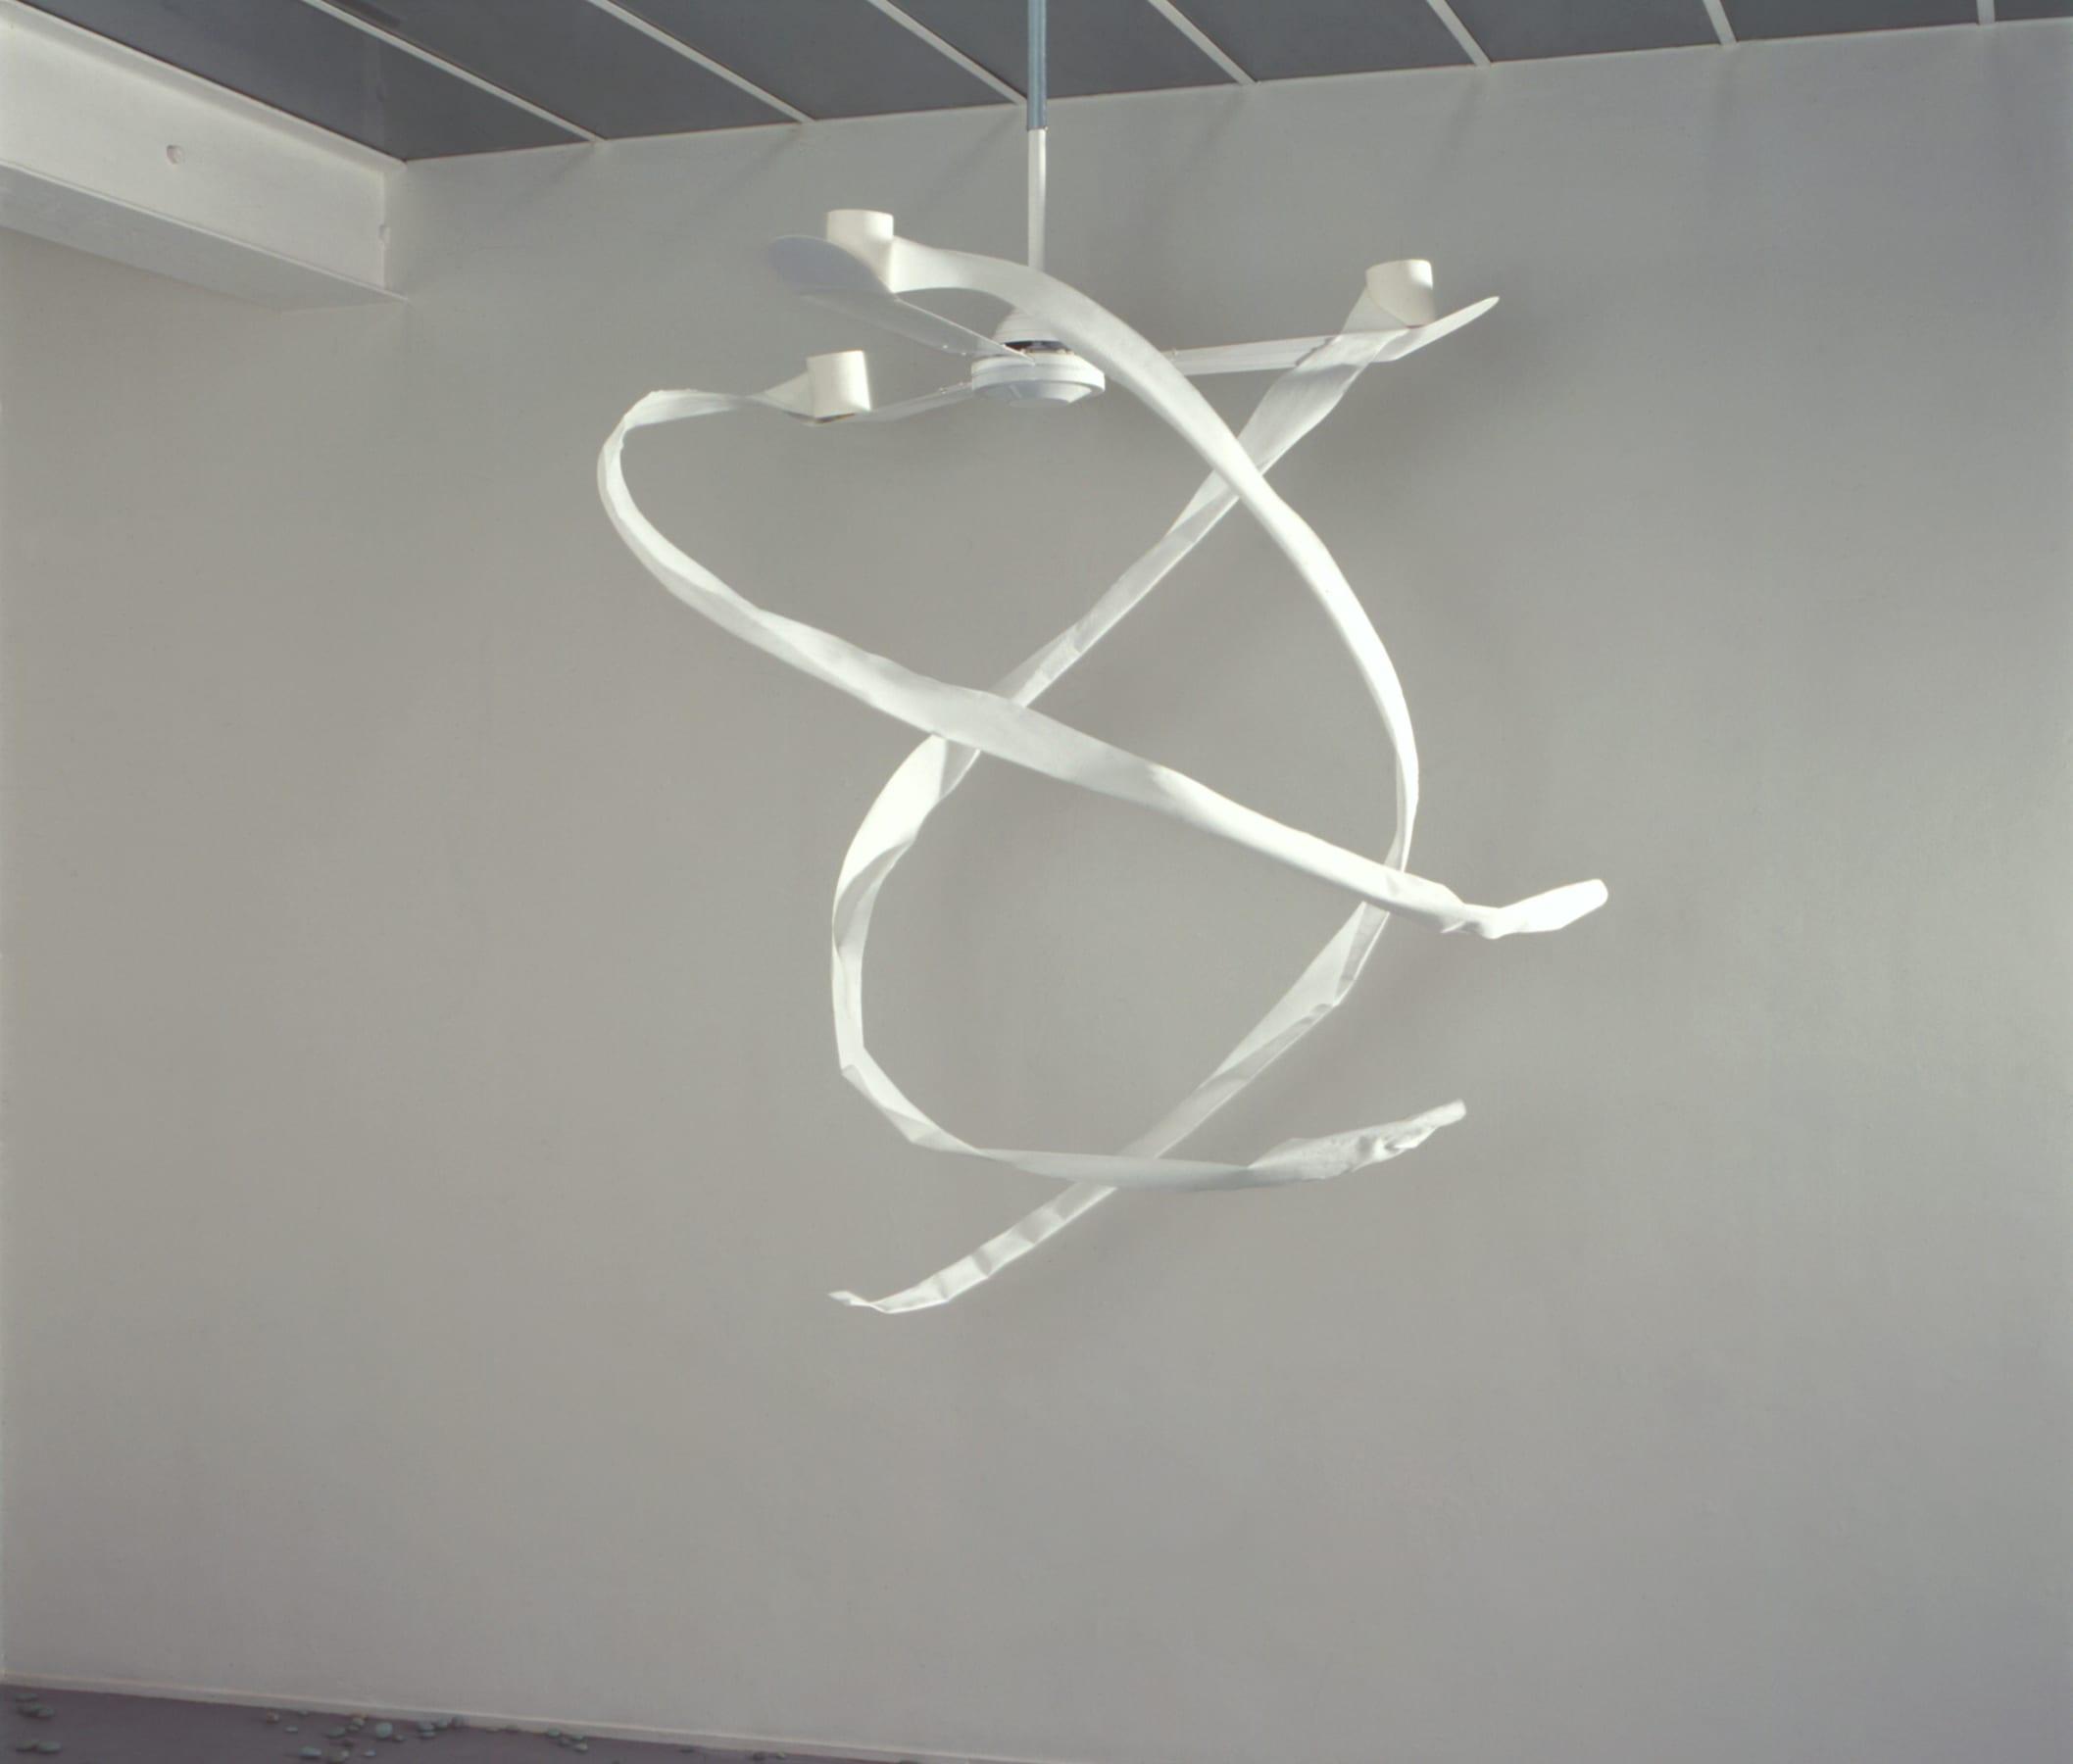 Gabriel Orozco, Ventilators, 1997